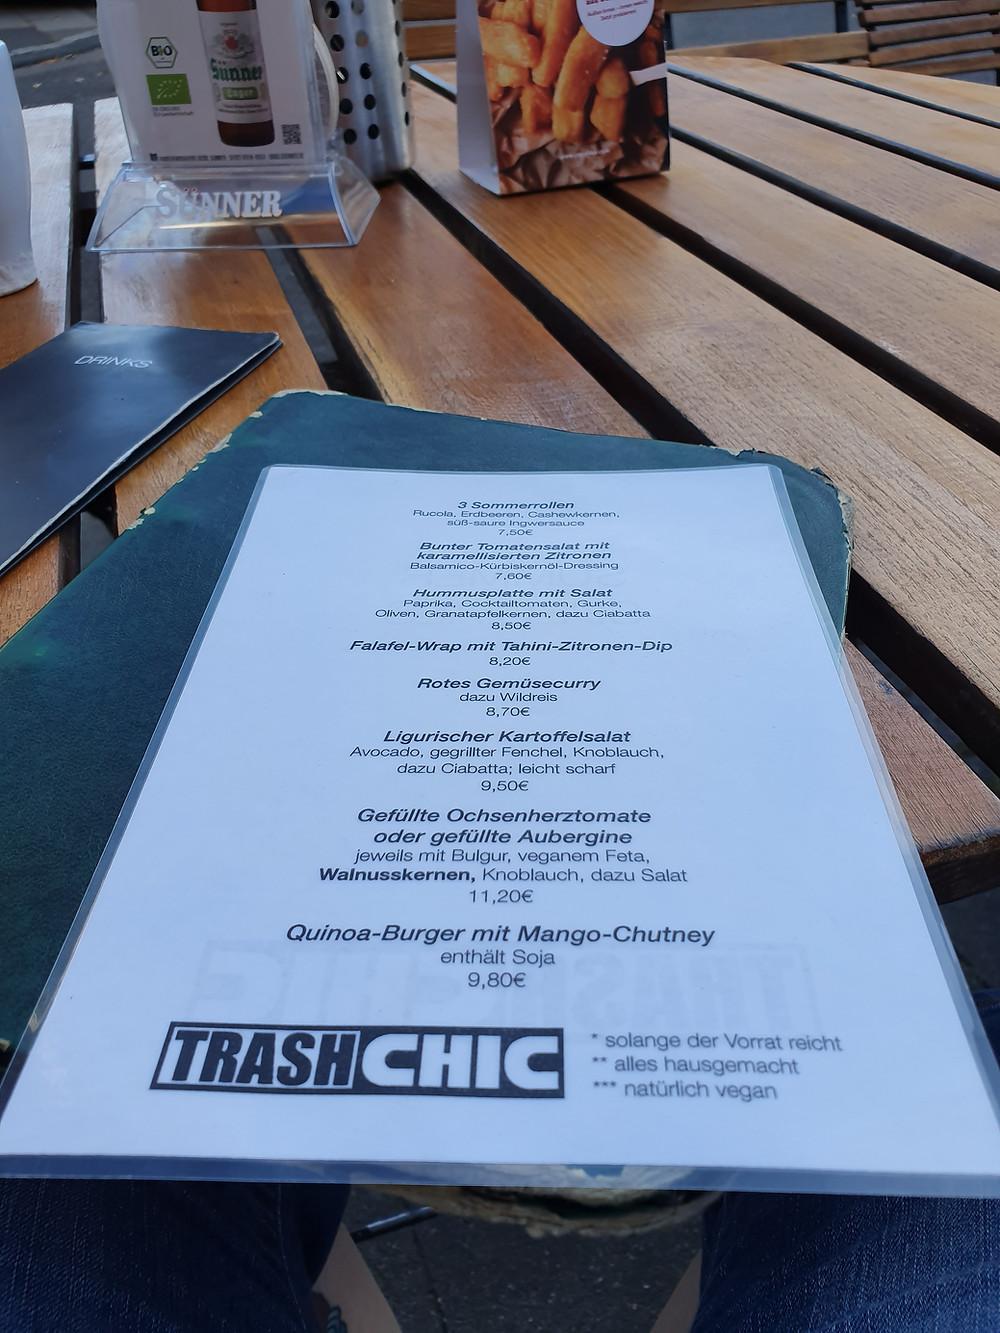 Speisekarte auf dem Tisch außen